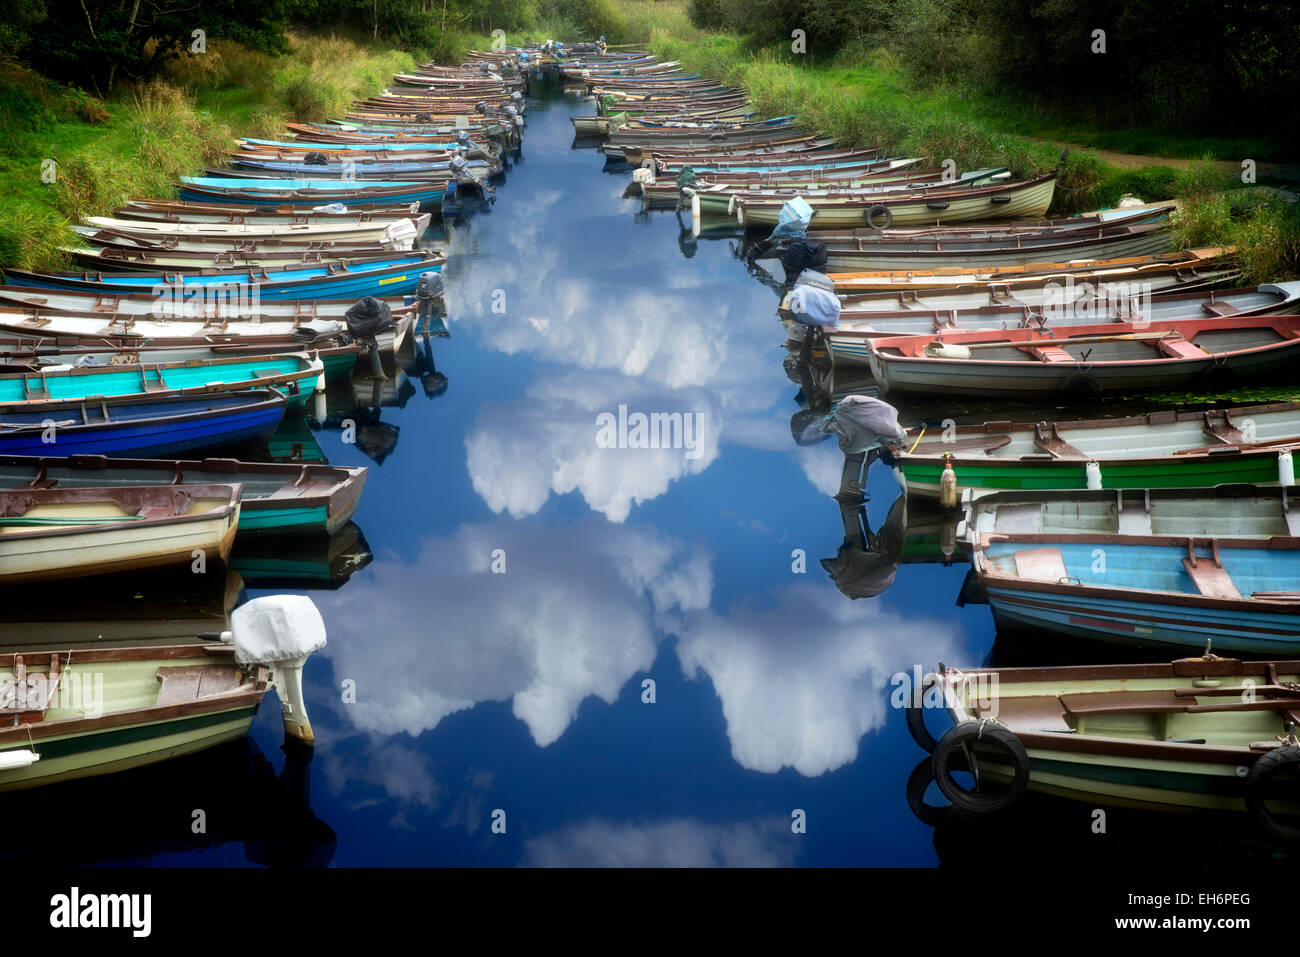 Barche da pesca nel piccolo ingresso. Parco Nazionale di Killarney, Irlanda. Foto Stock